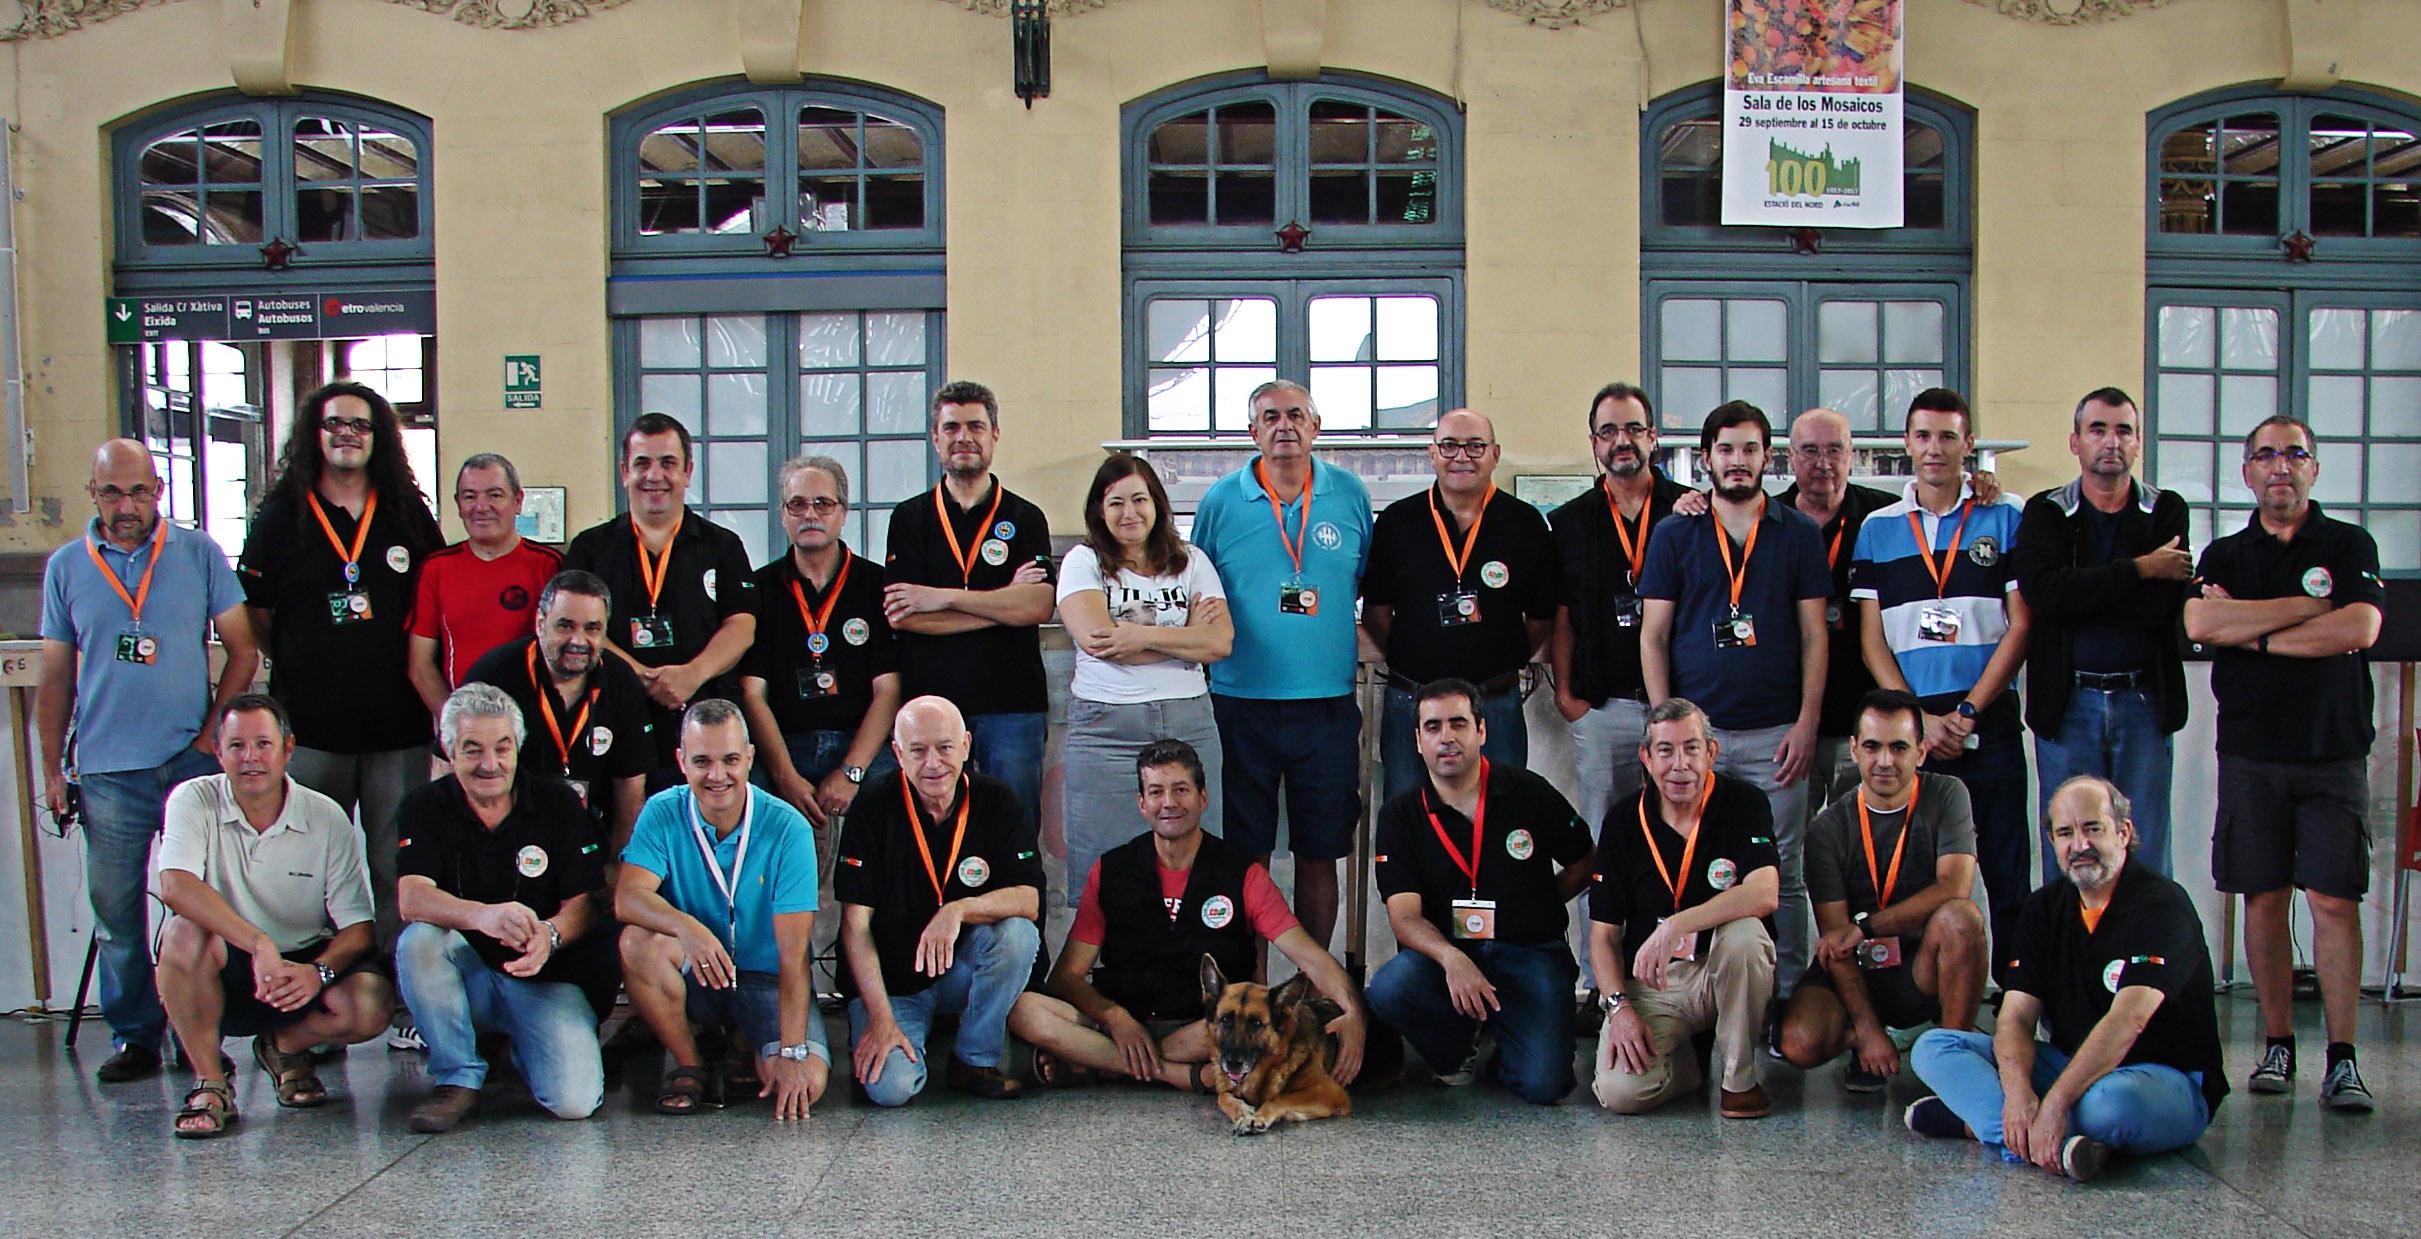 Grupo Valencia 2017 - cimH0